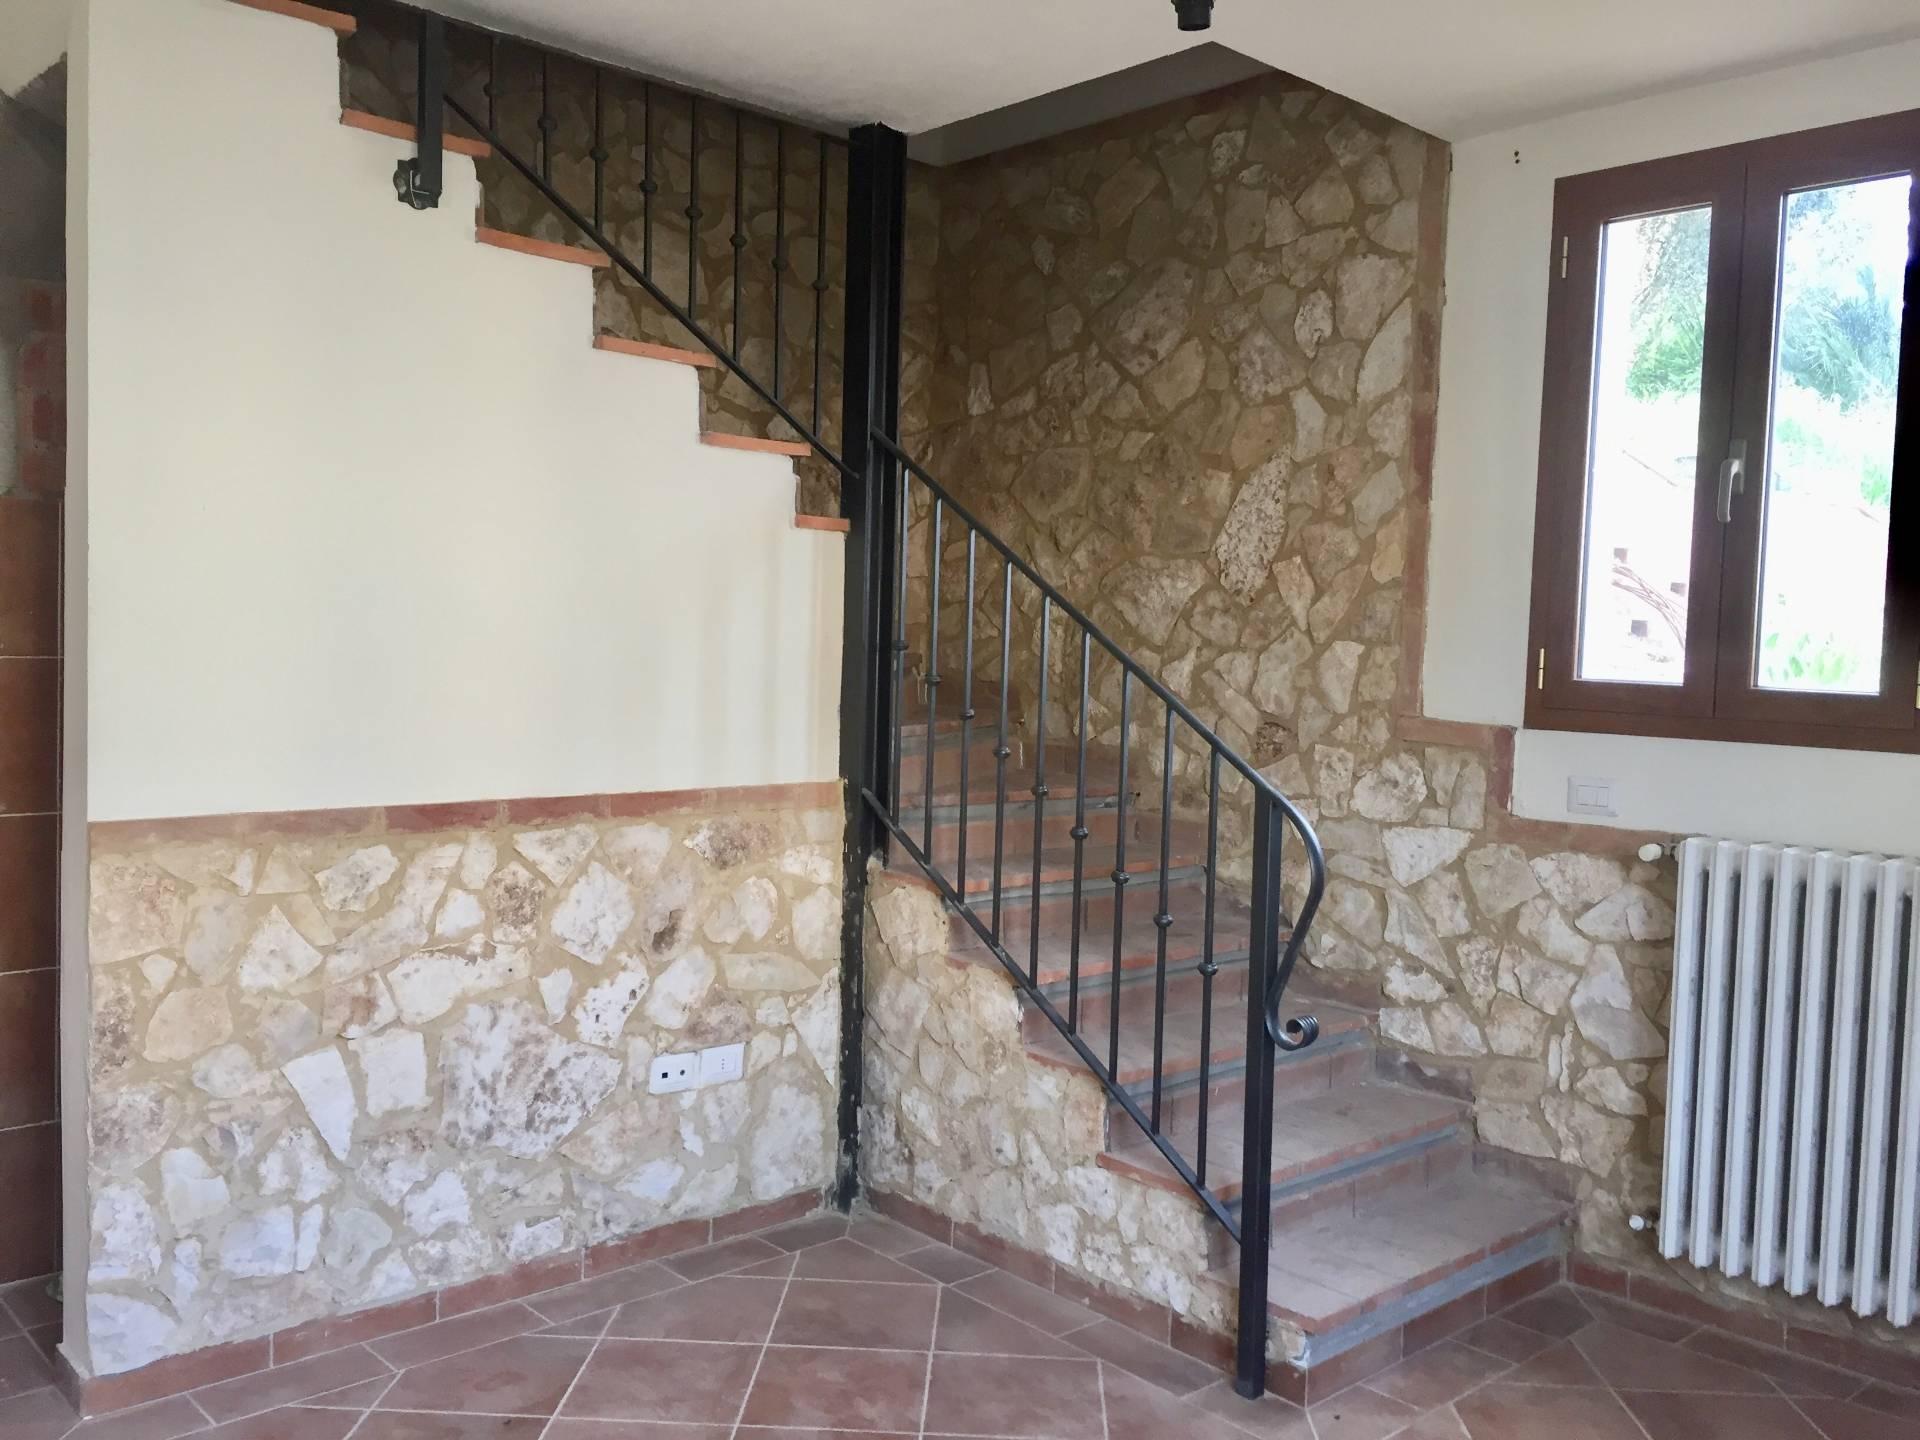 affitto appartamento castelfiorentino   380 euro  3 locali  45 mq